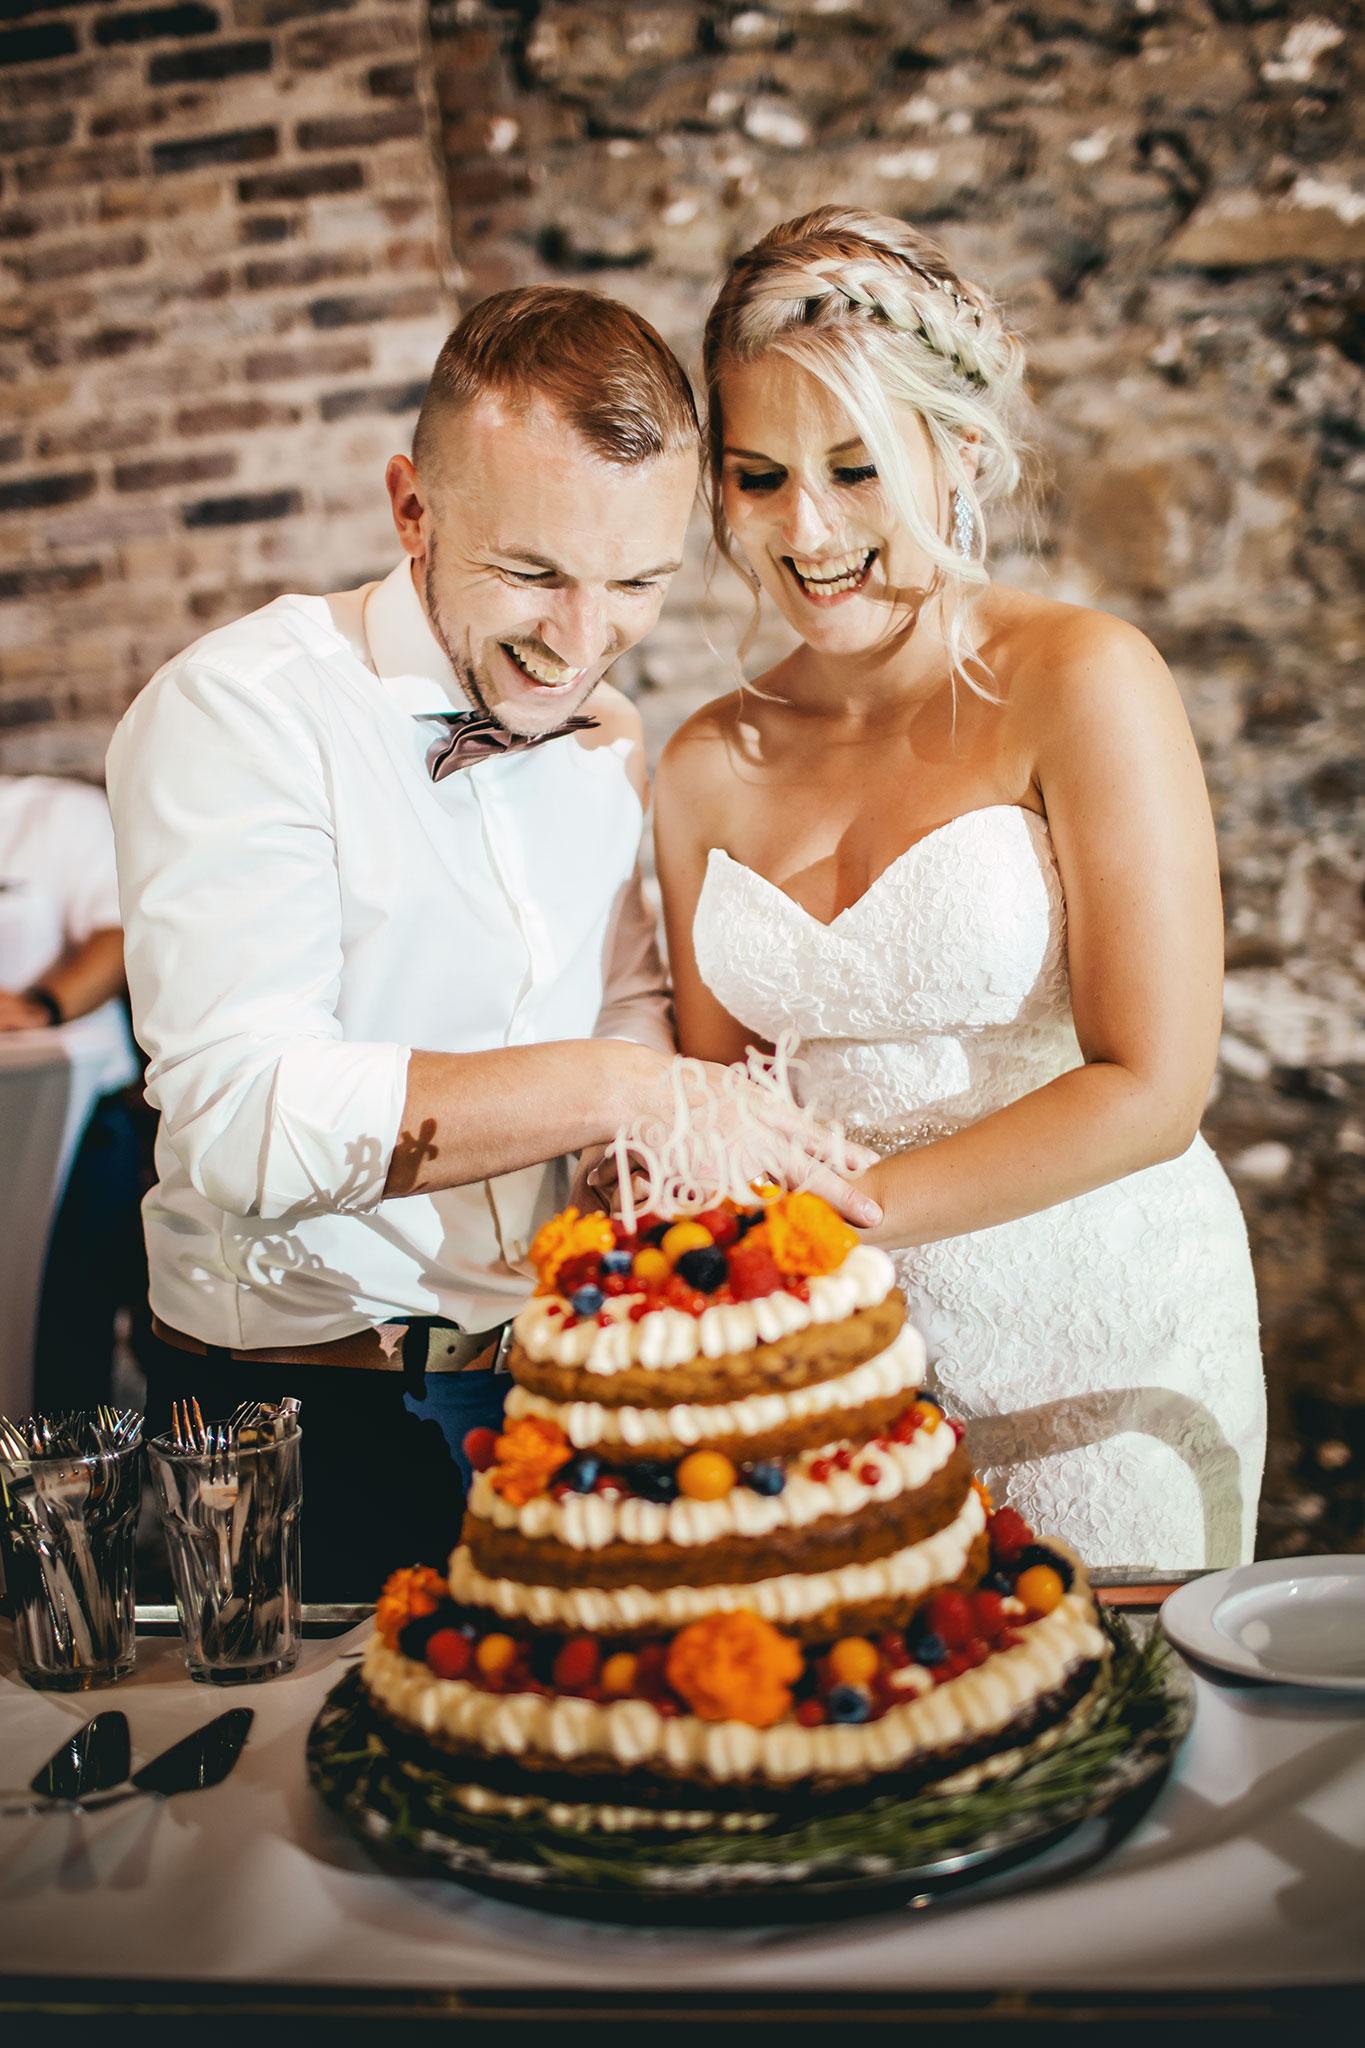 Das Bid zeigt ein Brautpaar beim Anschnitt ihrer Hochzeitstorte.